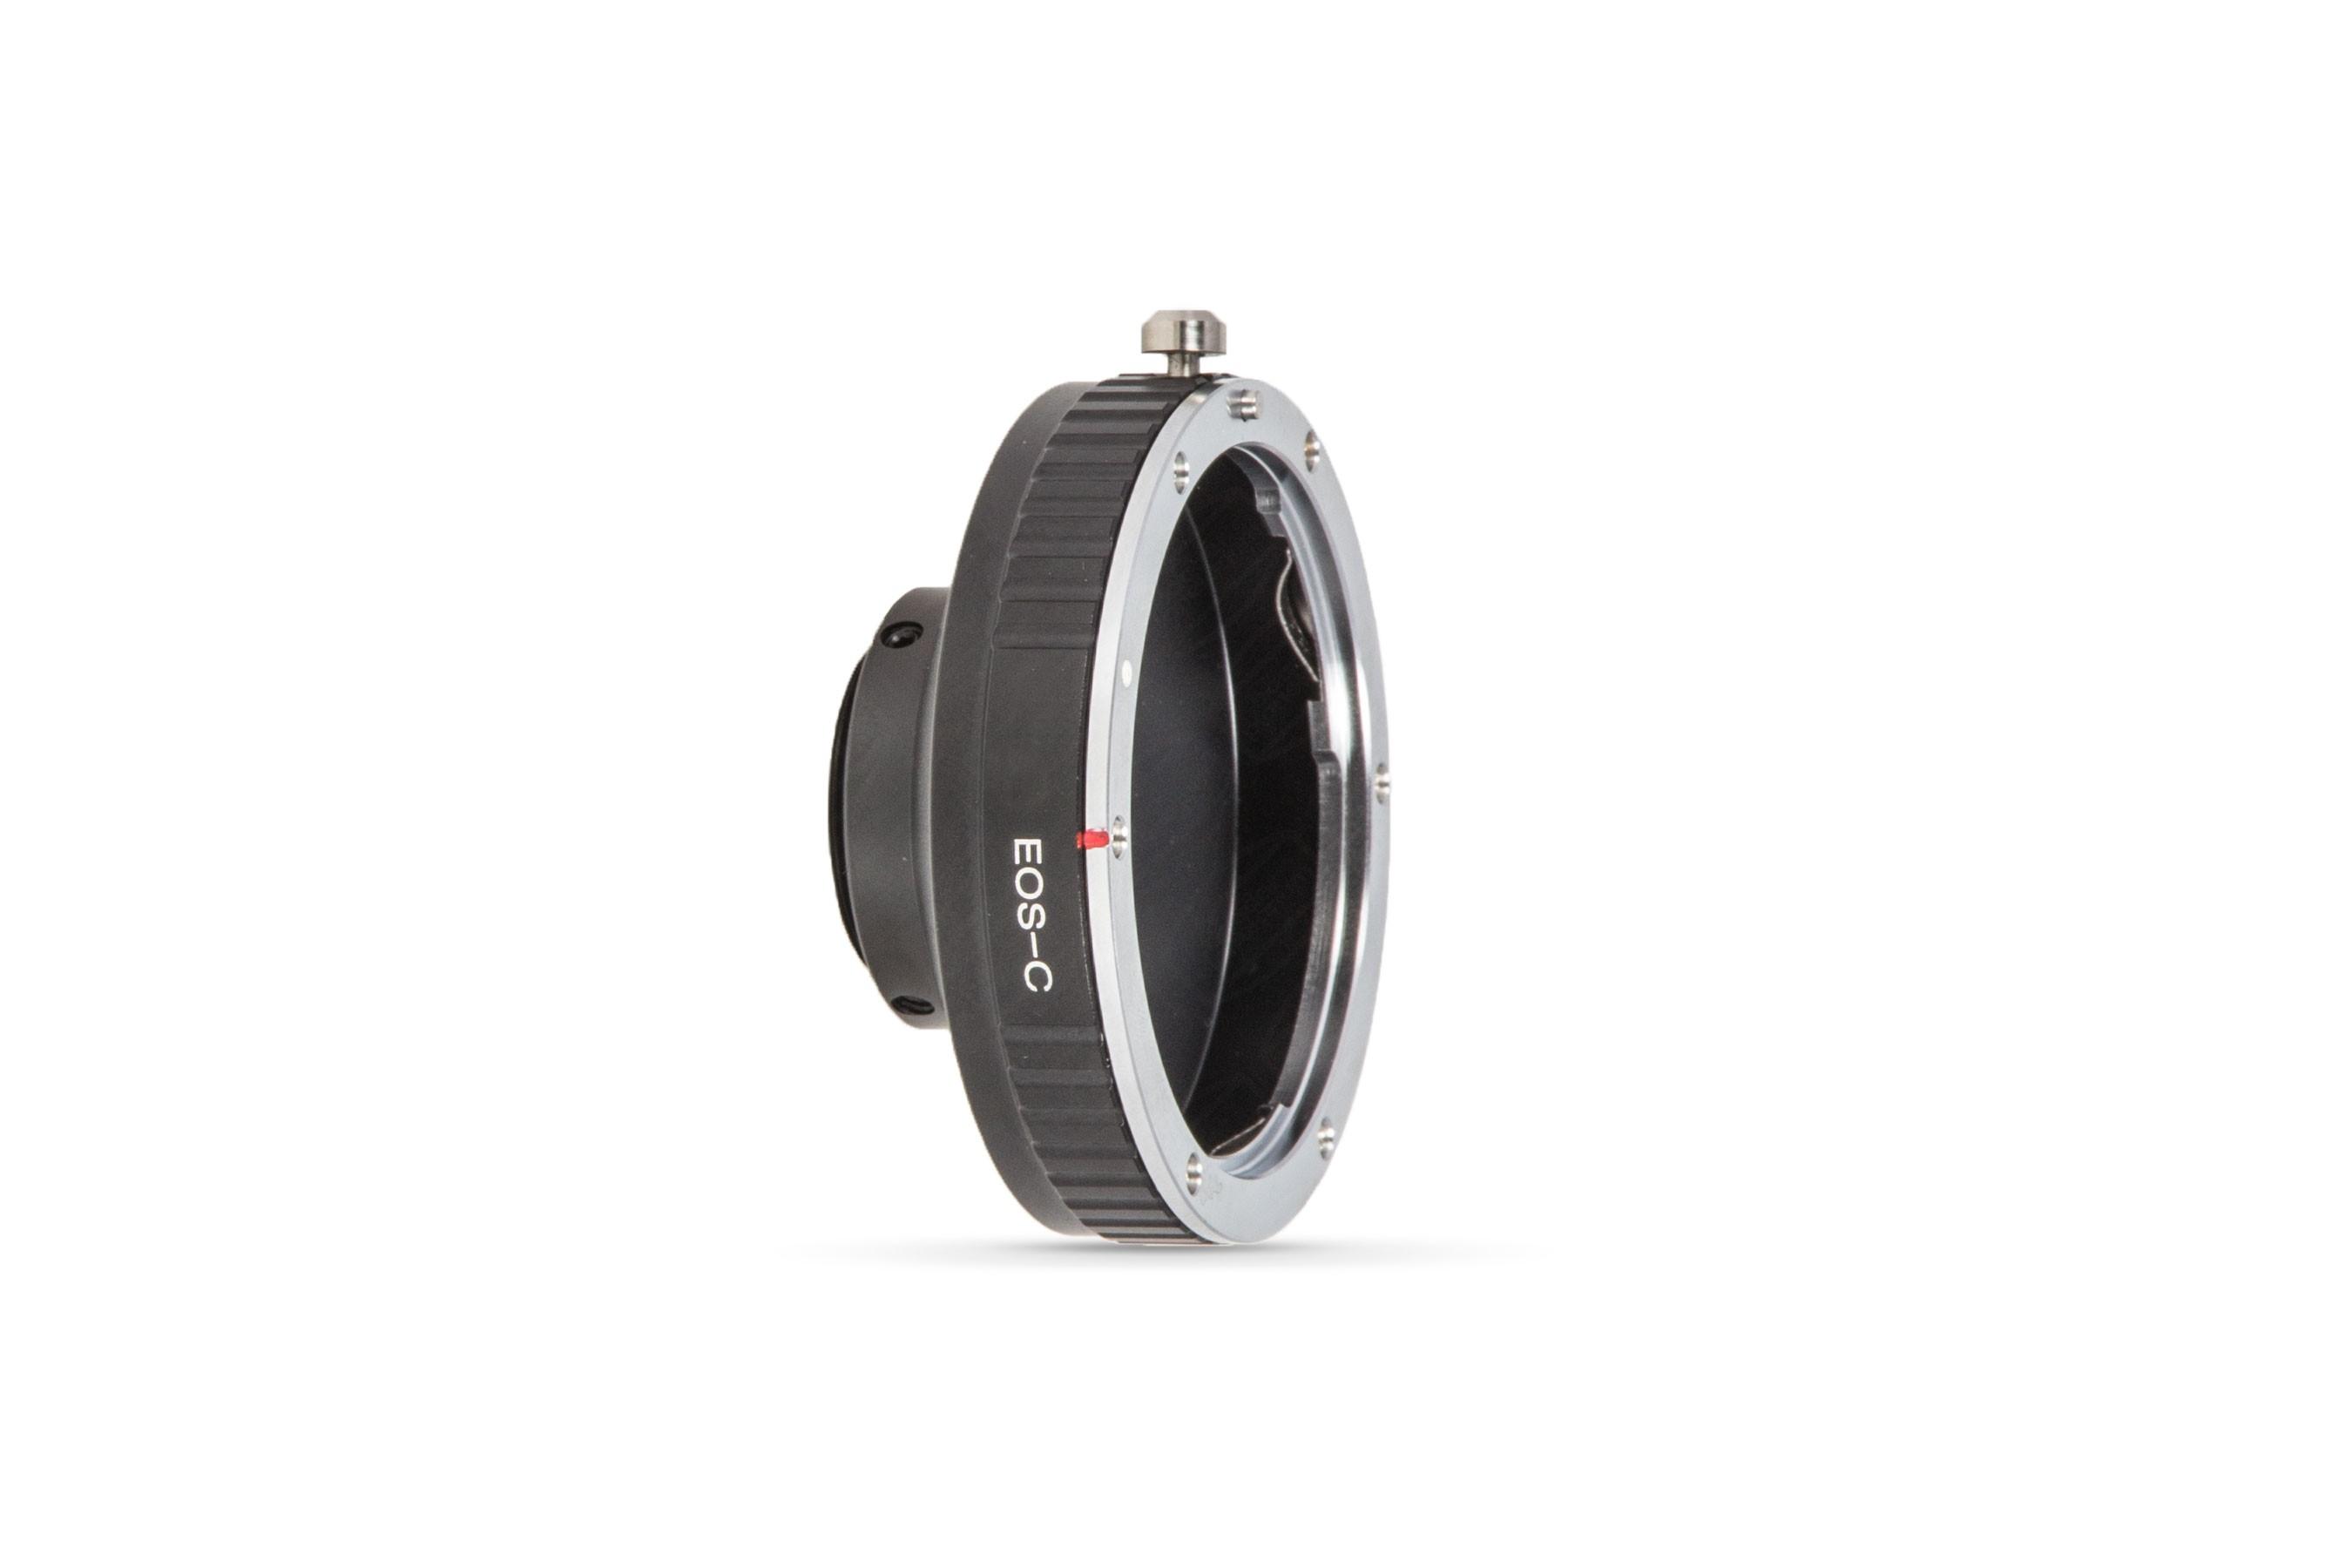 C-Mount Canon EOS